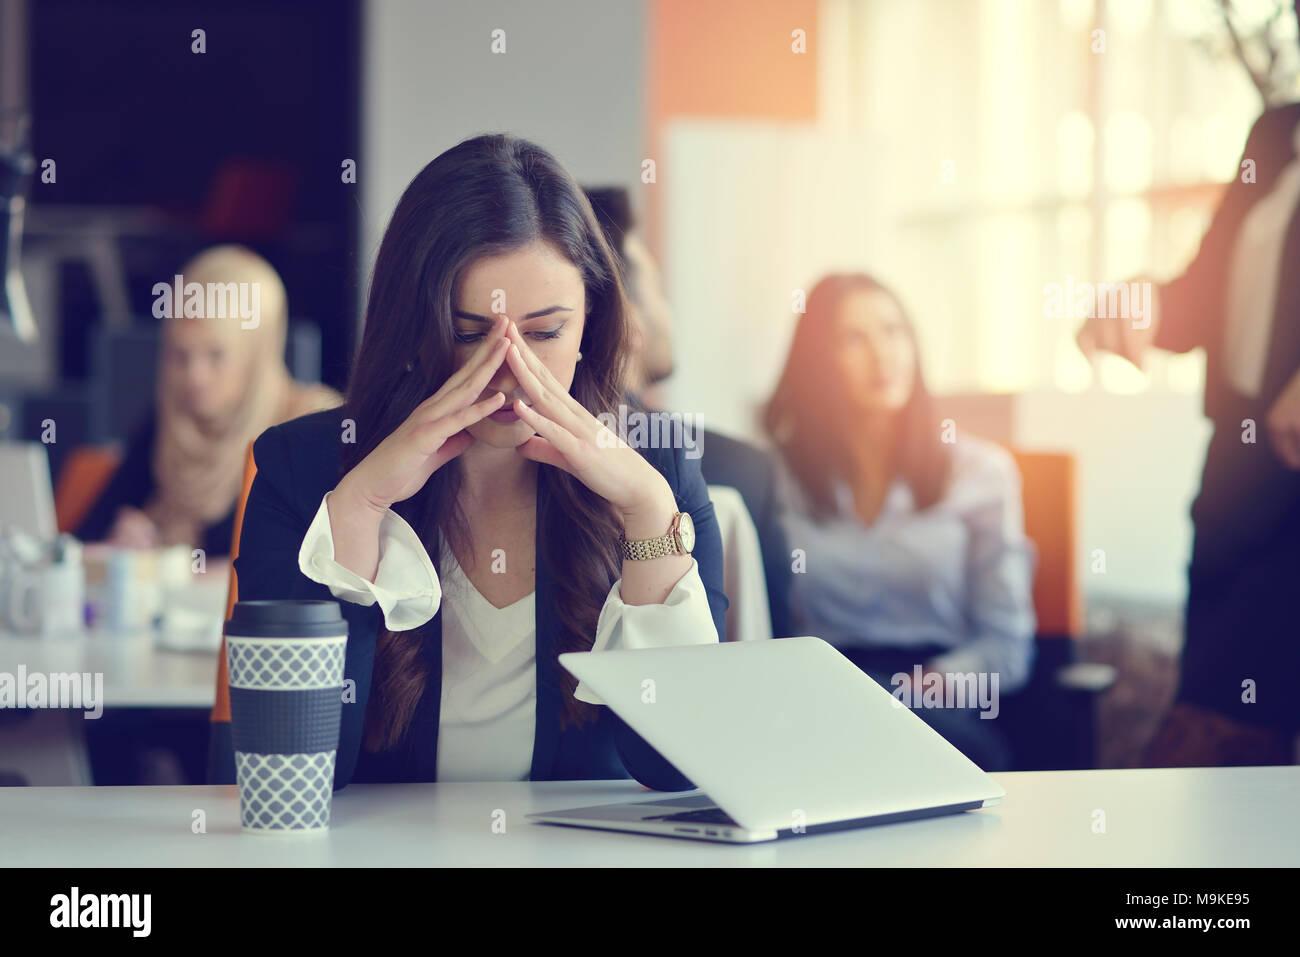 Junge besetzt schöne Lateinische Geschäft Frau leiden Stress am Computer im Büro arbeiten Stockbild